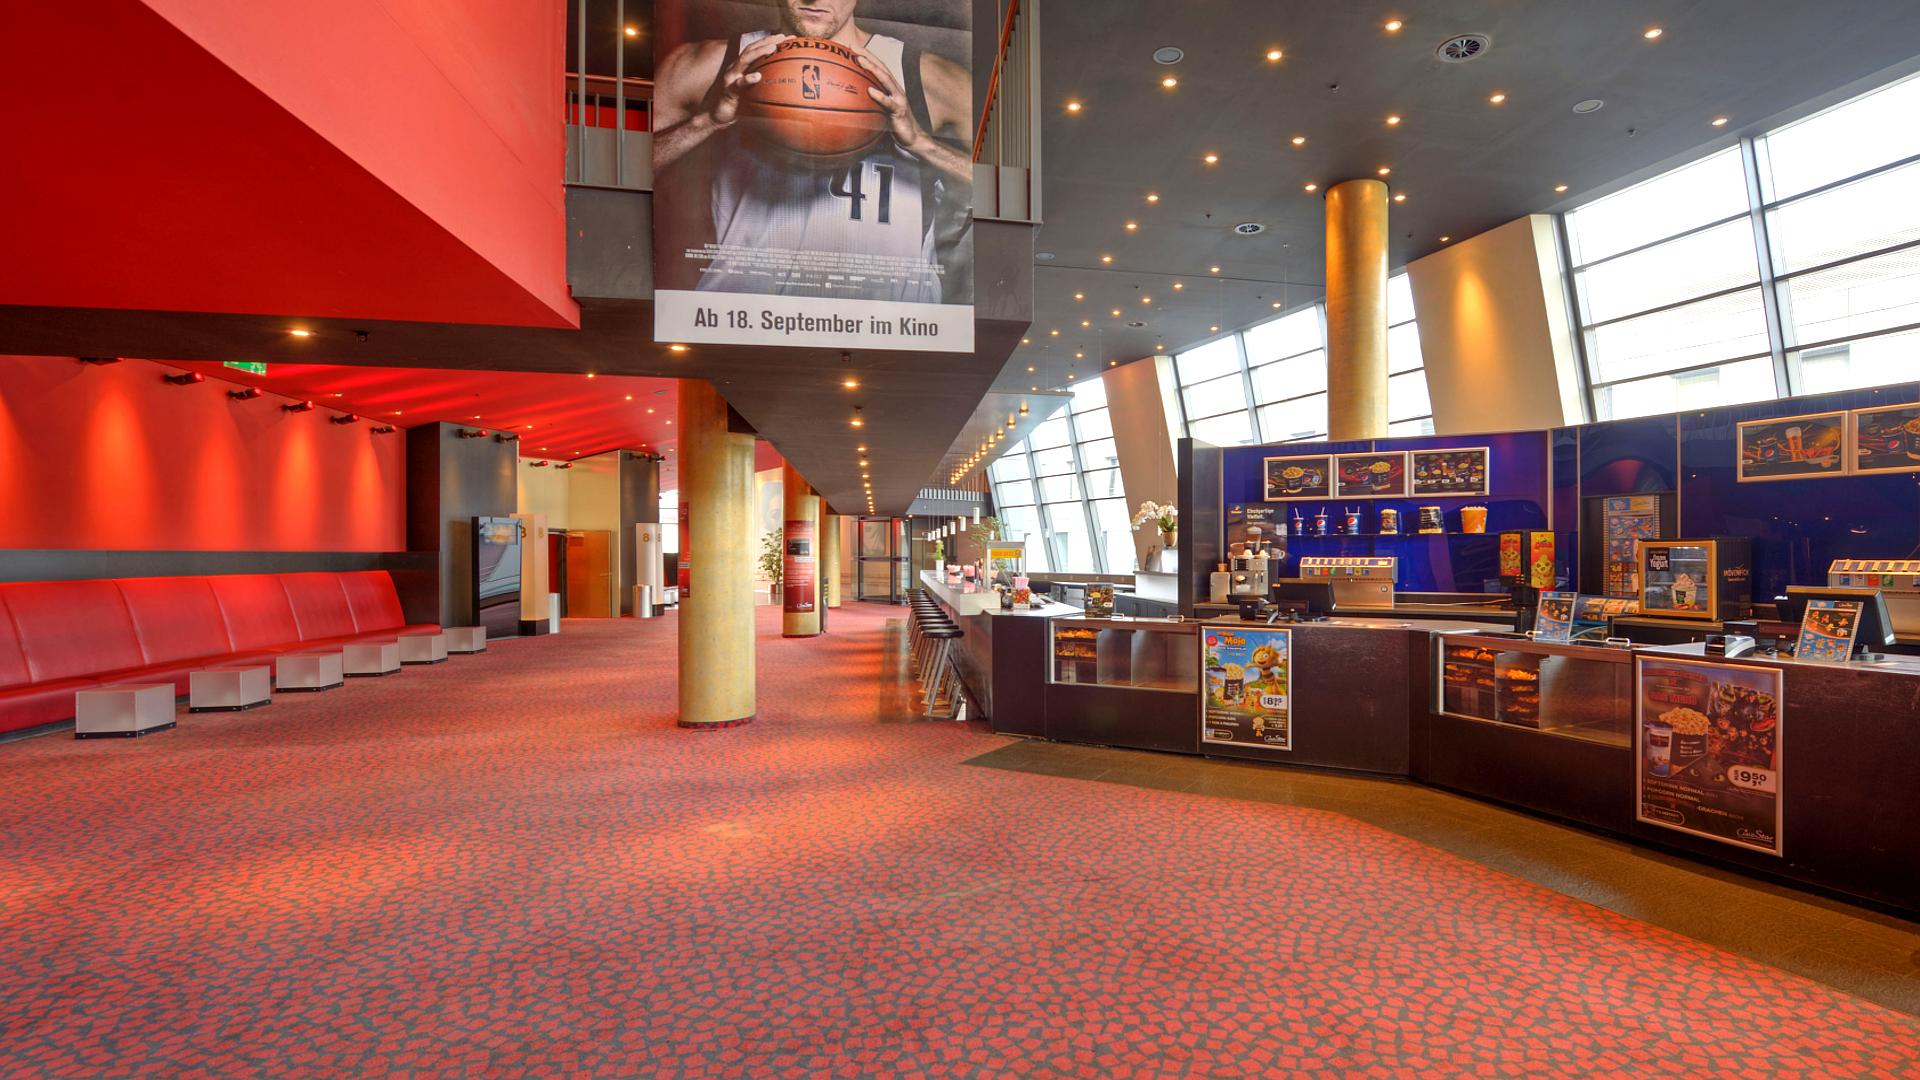 Cinestar Leipzig Г¶ffnungszeiten